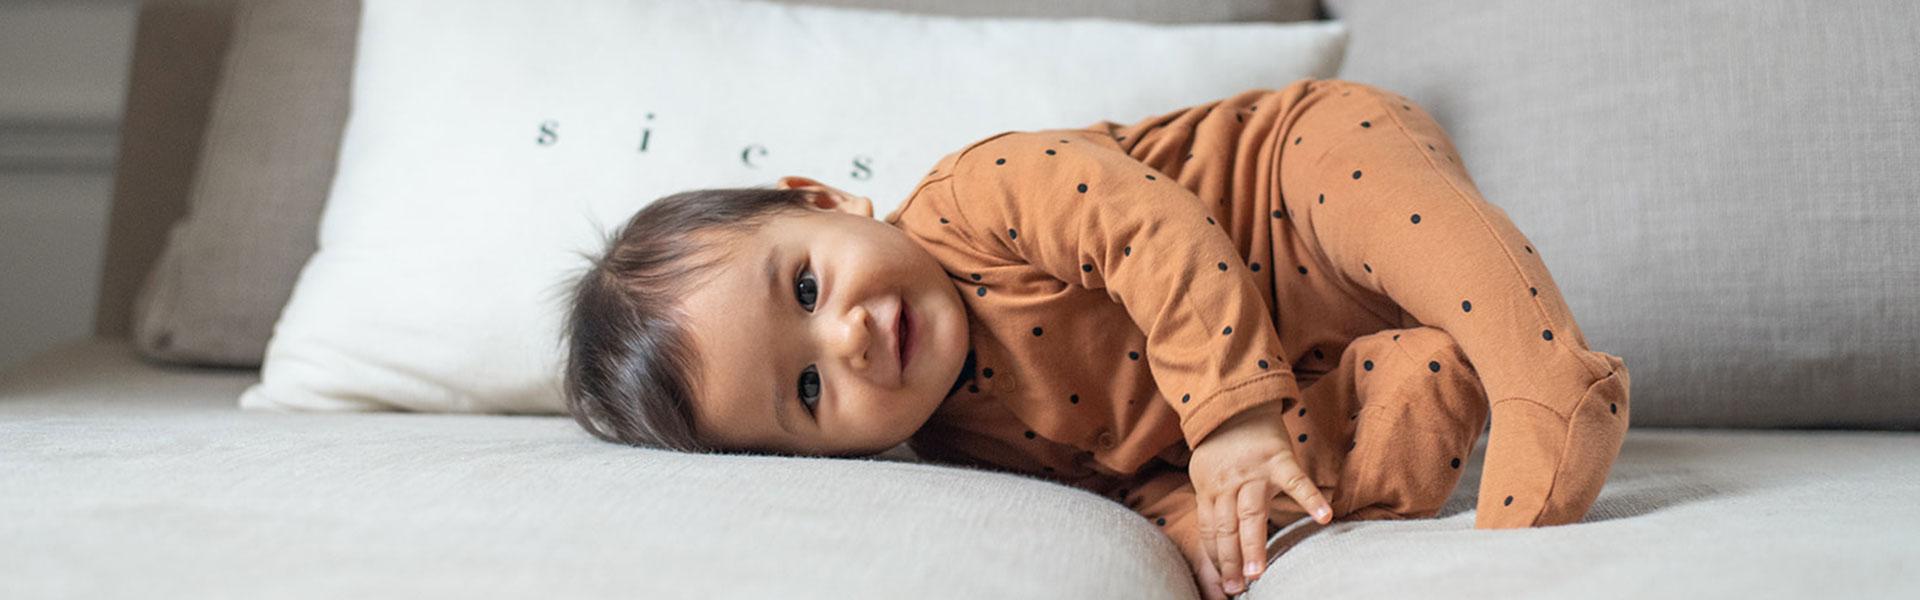 Bonjour Little nouvelle marque vêtements pour bébés trop chou à toulouse